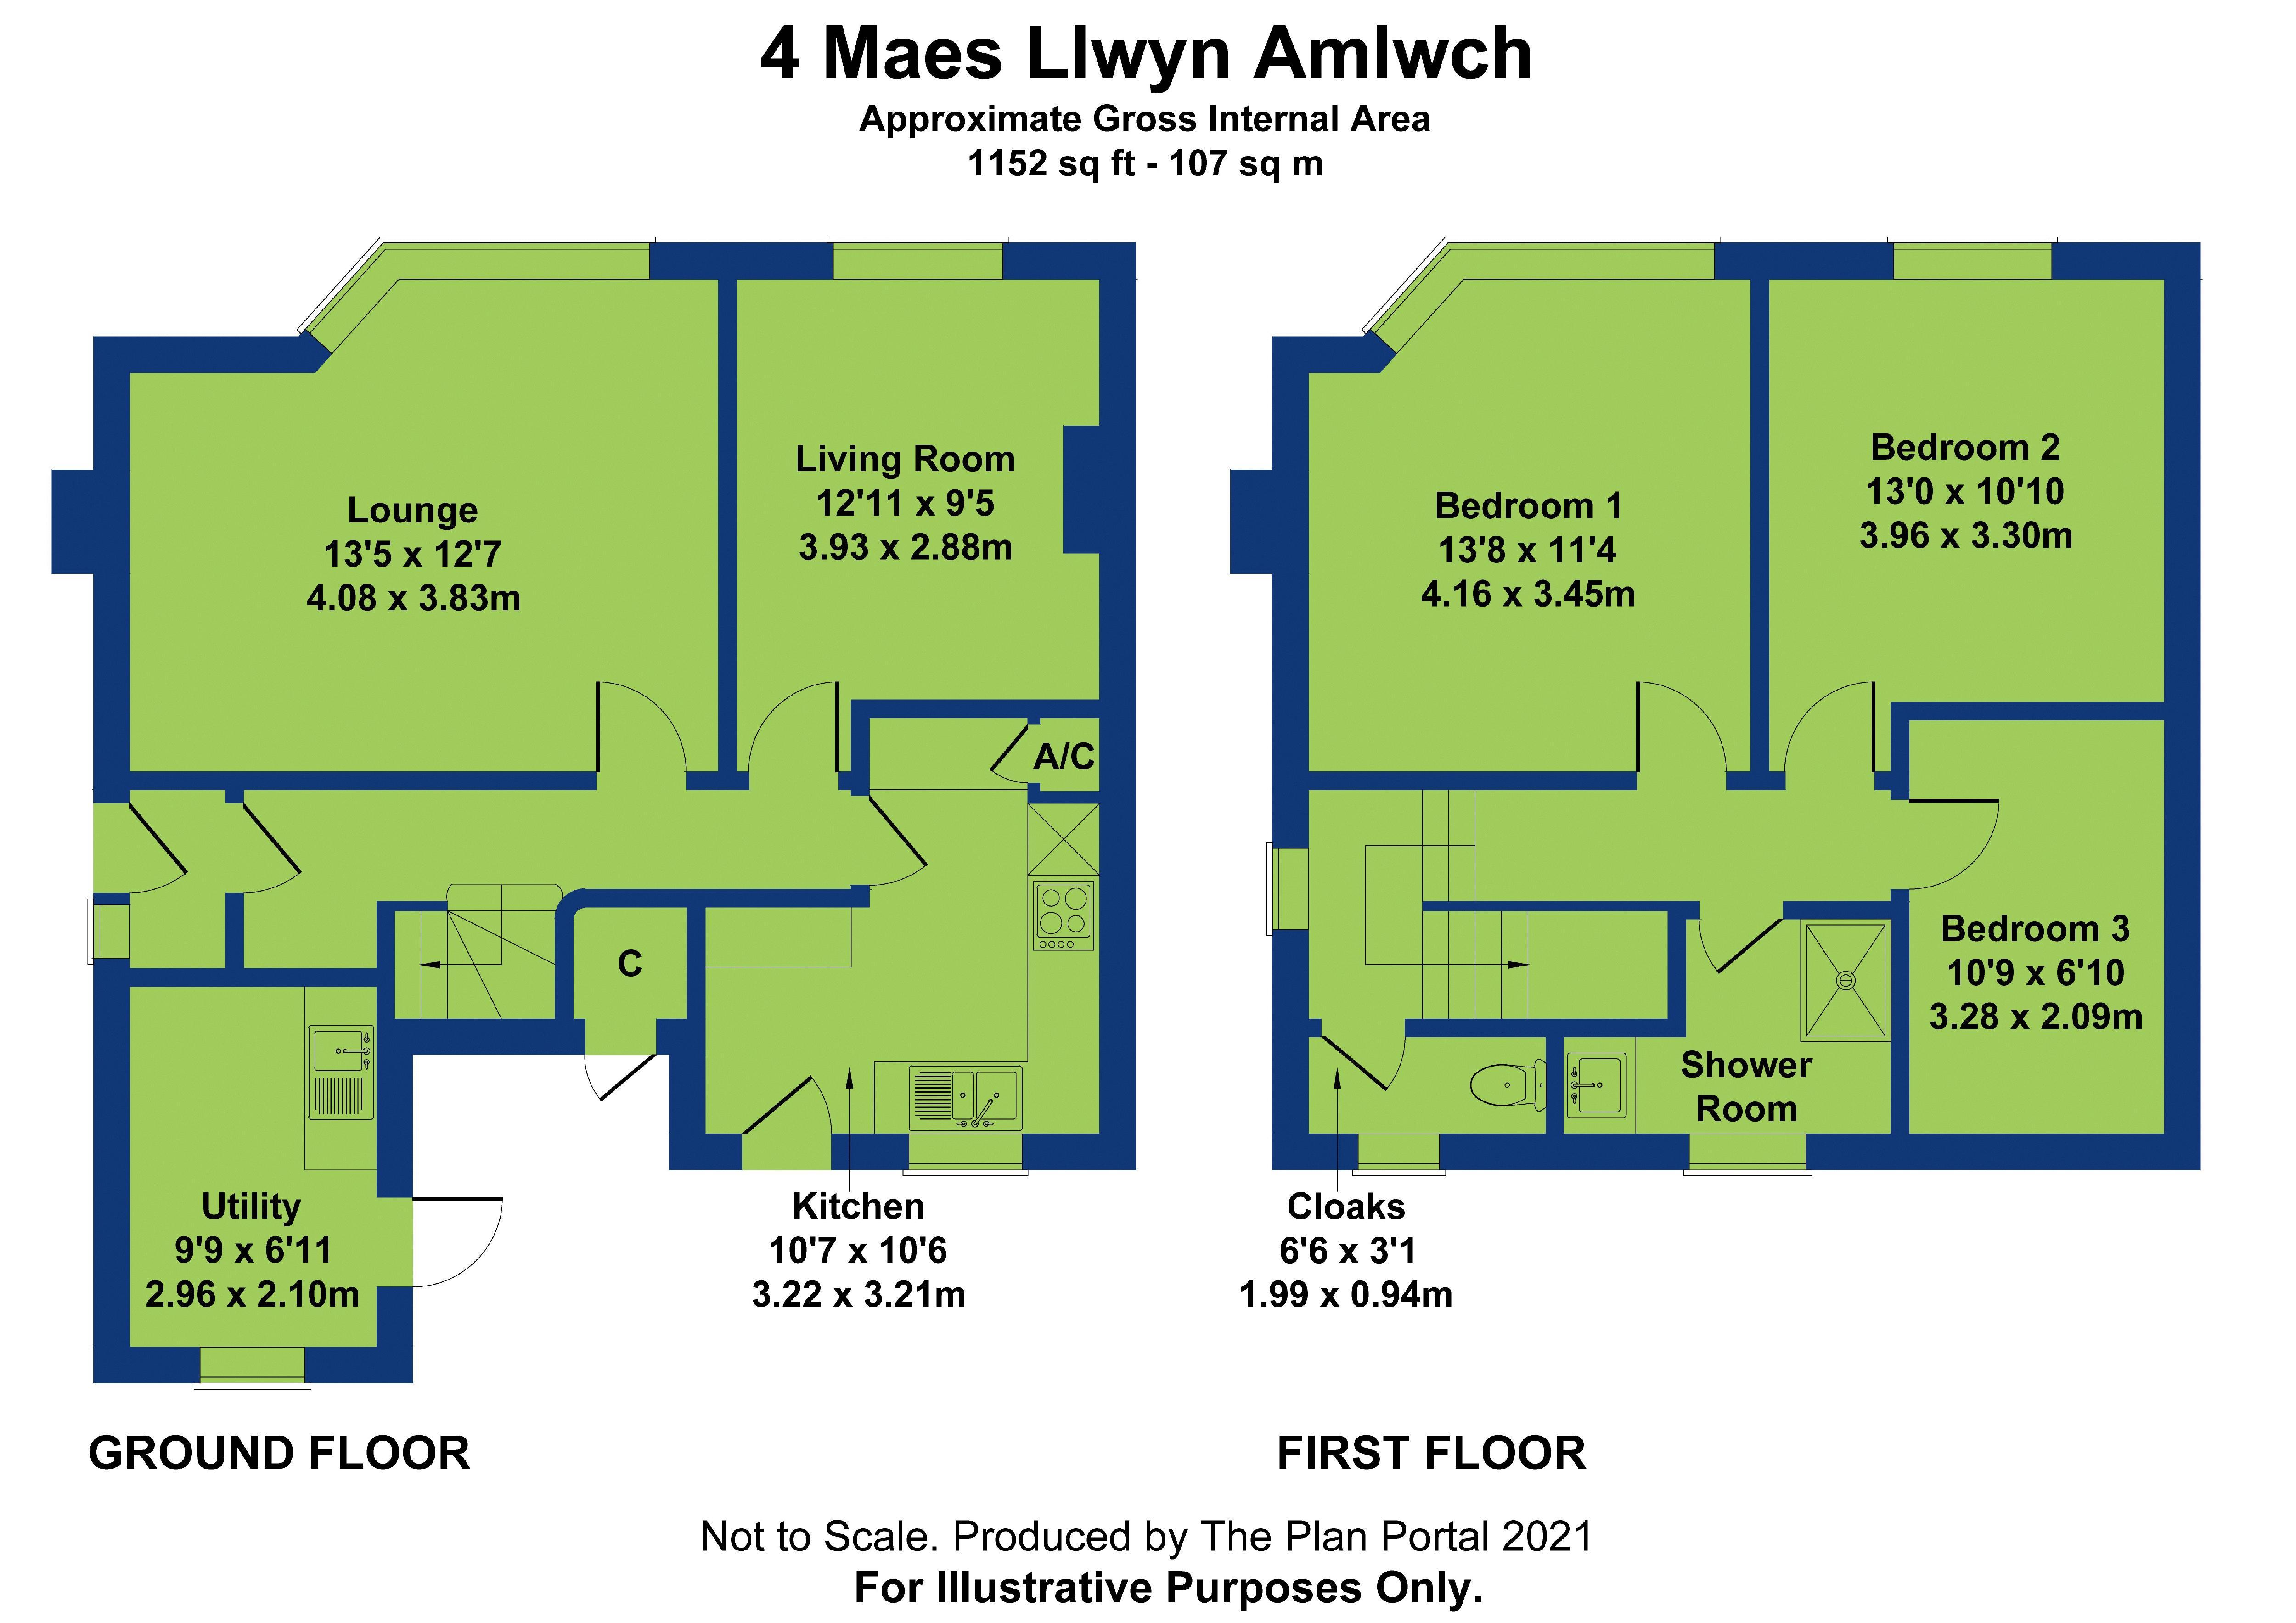 4 maes llwyn